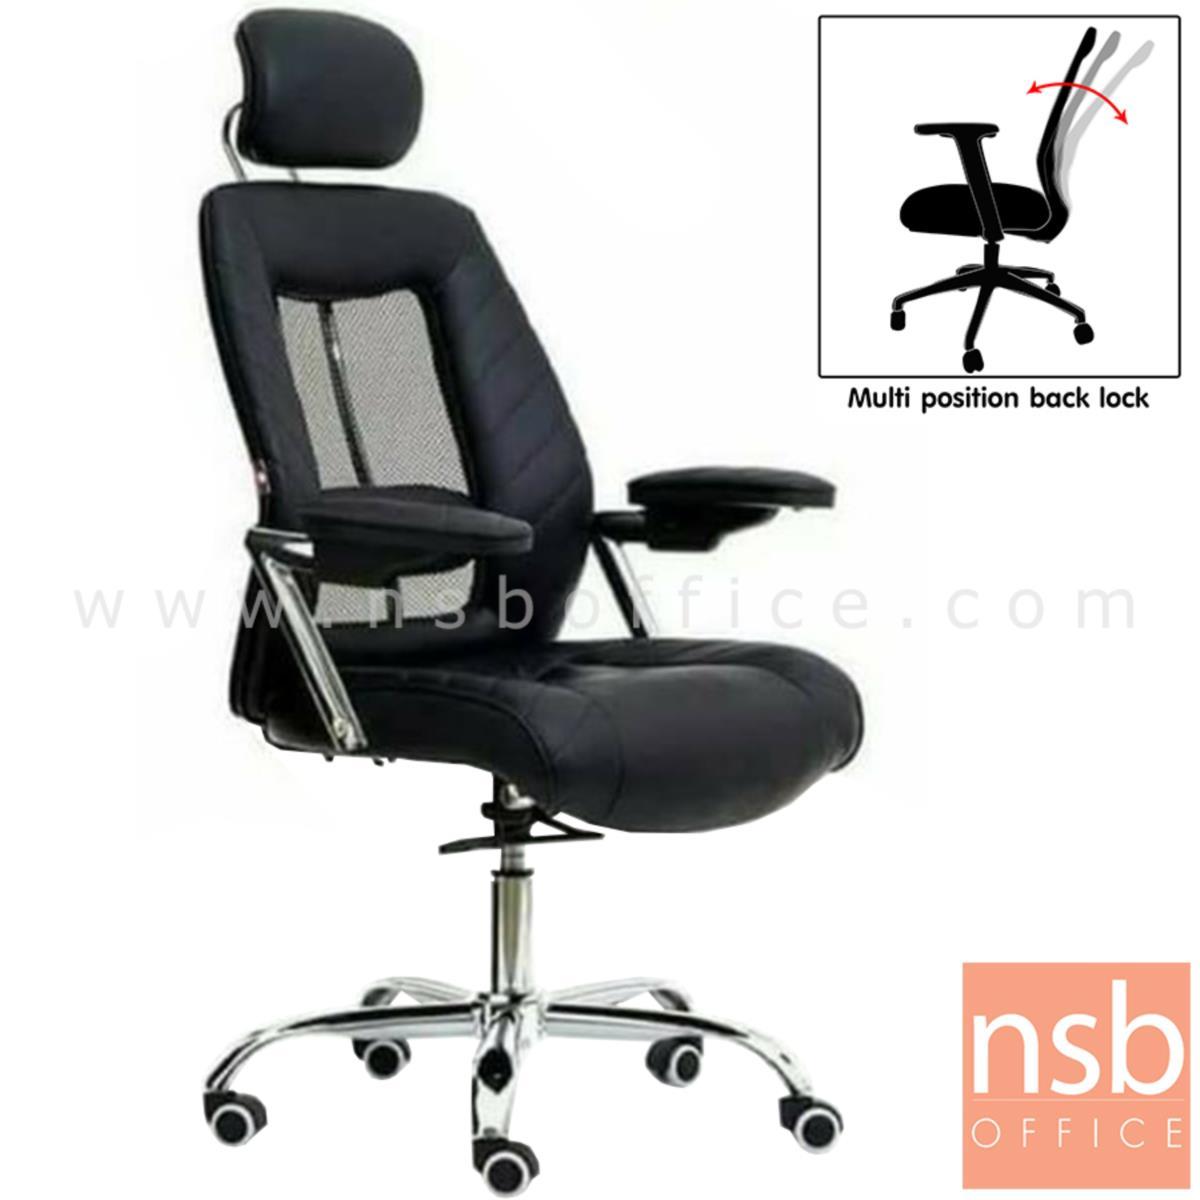 B24A117:เก้าอี้ผู้บริหารหลังเน็ต รุ่น Wharton (วอร์ทัน)  โช๊คแก๊ส มีก้อนโยก ขาเหล็กชุบโครเมี่ยม